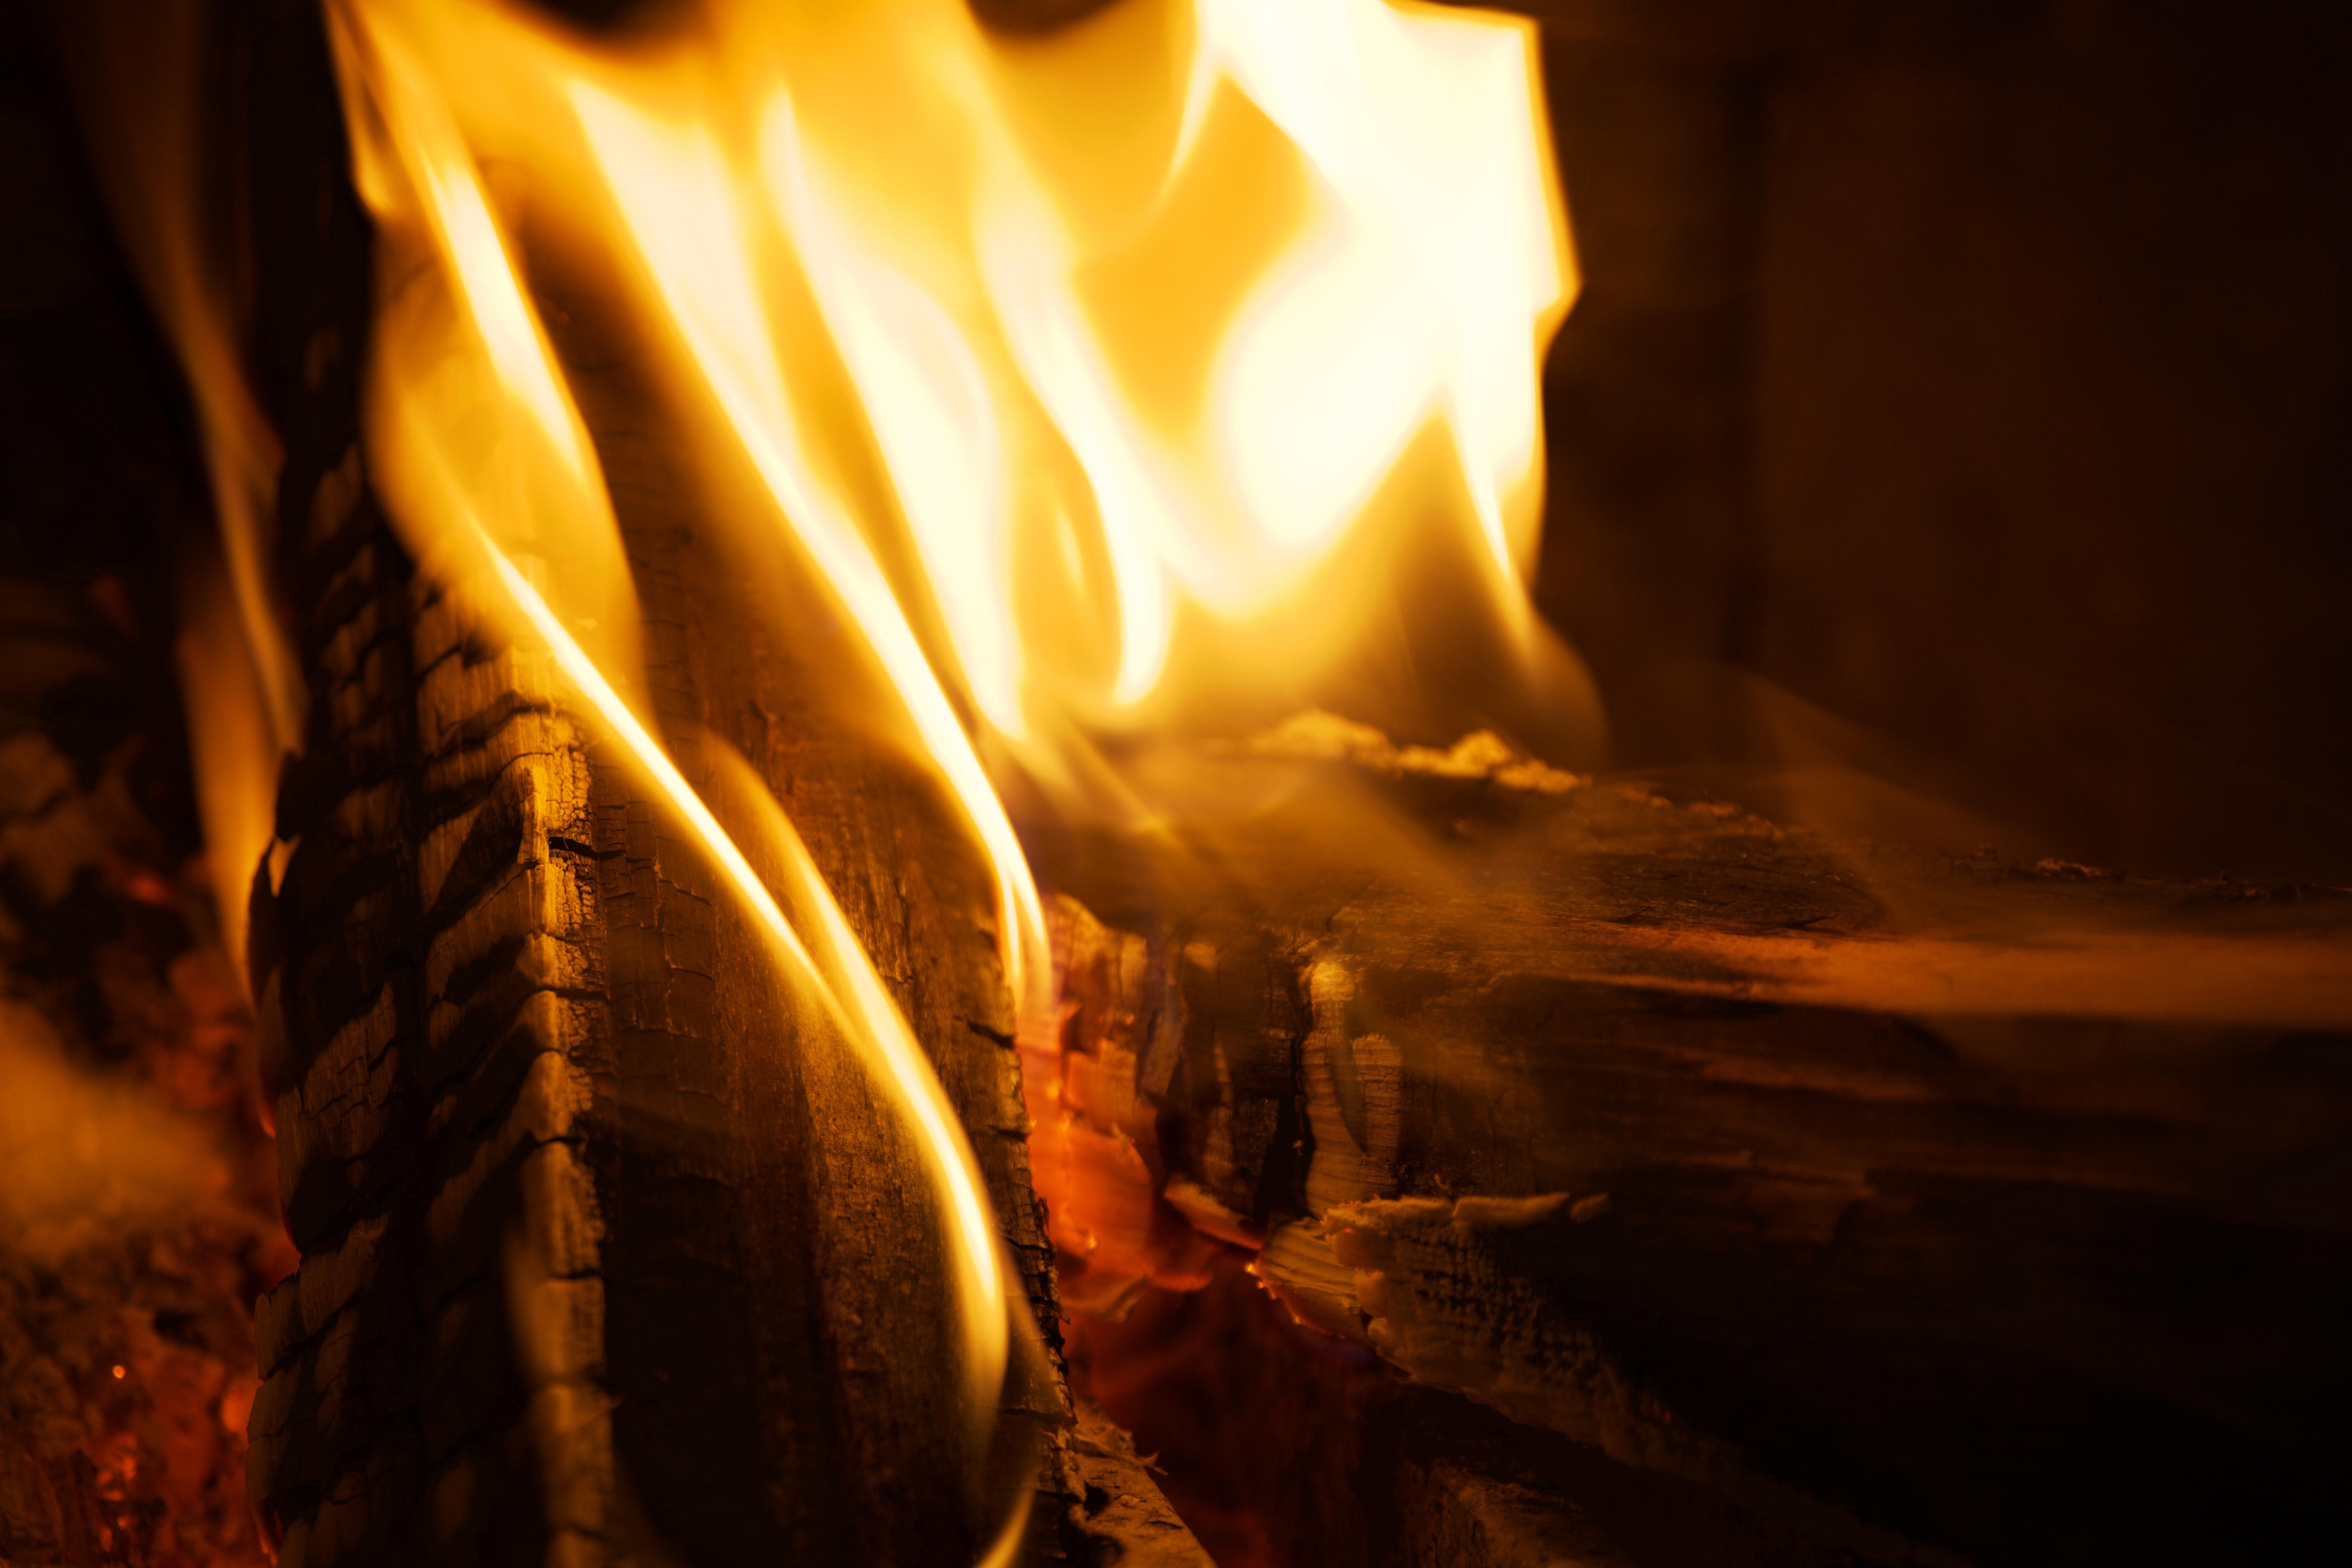 145883 免費下載壁紙 黑暗的, 黑暗, 火, 柴, 木柴, 燃烧, 火焰, 特写 屏保和圖片